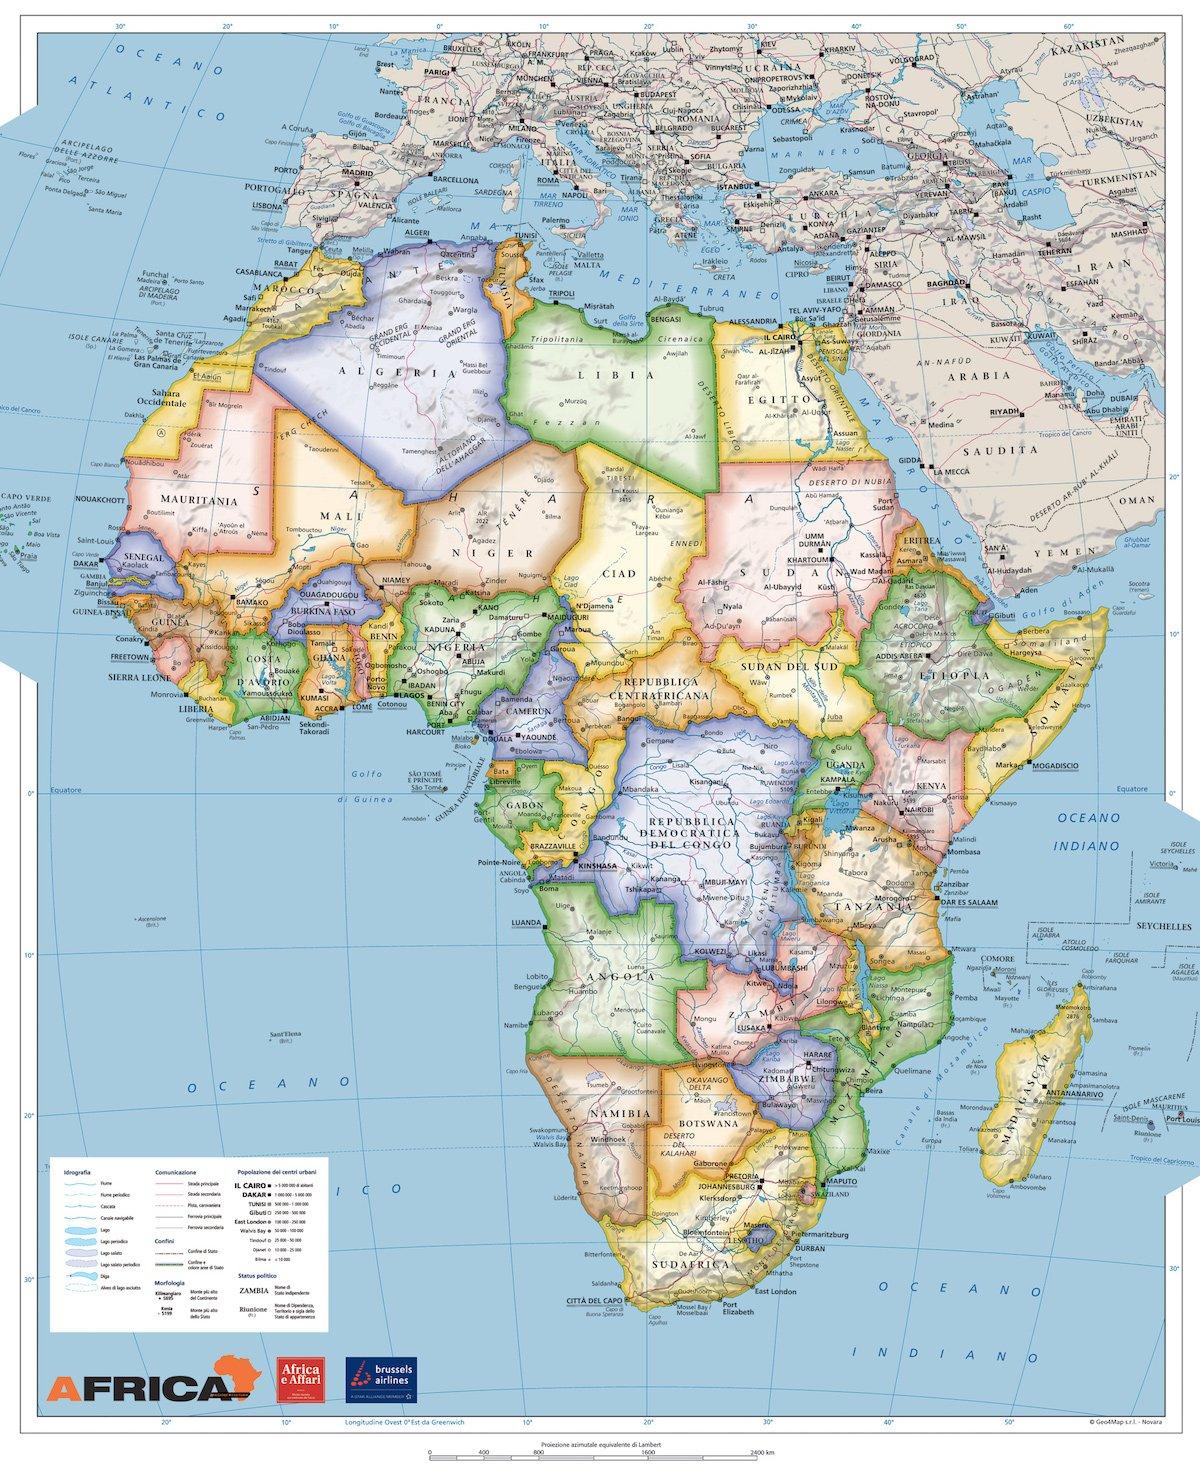 L Africa Cartina Geografica.Mappa Politica E Fisica Dell Africa Africa